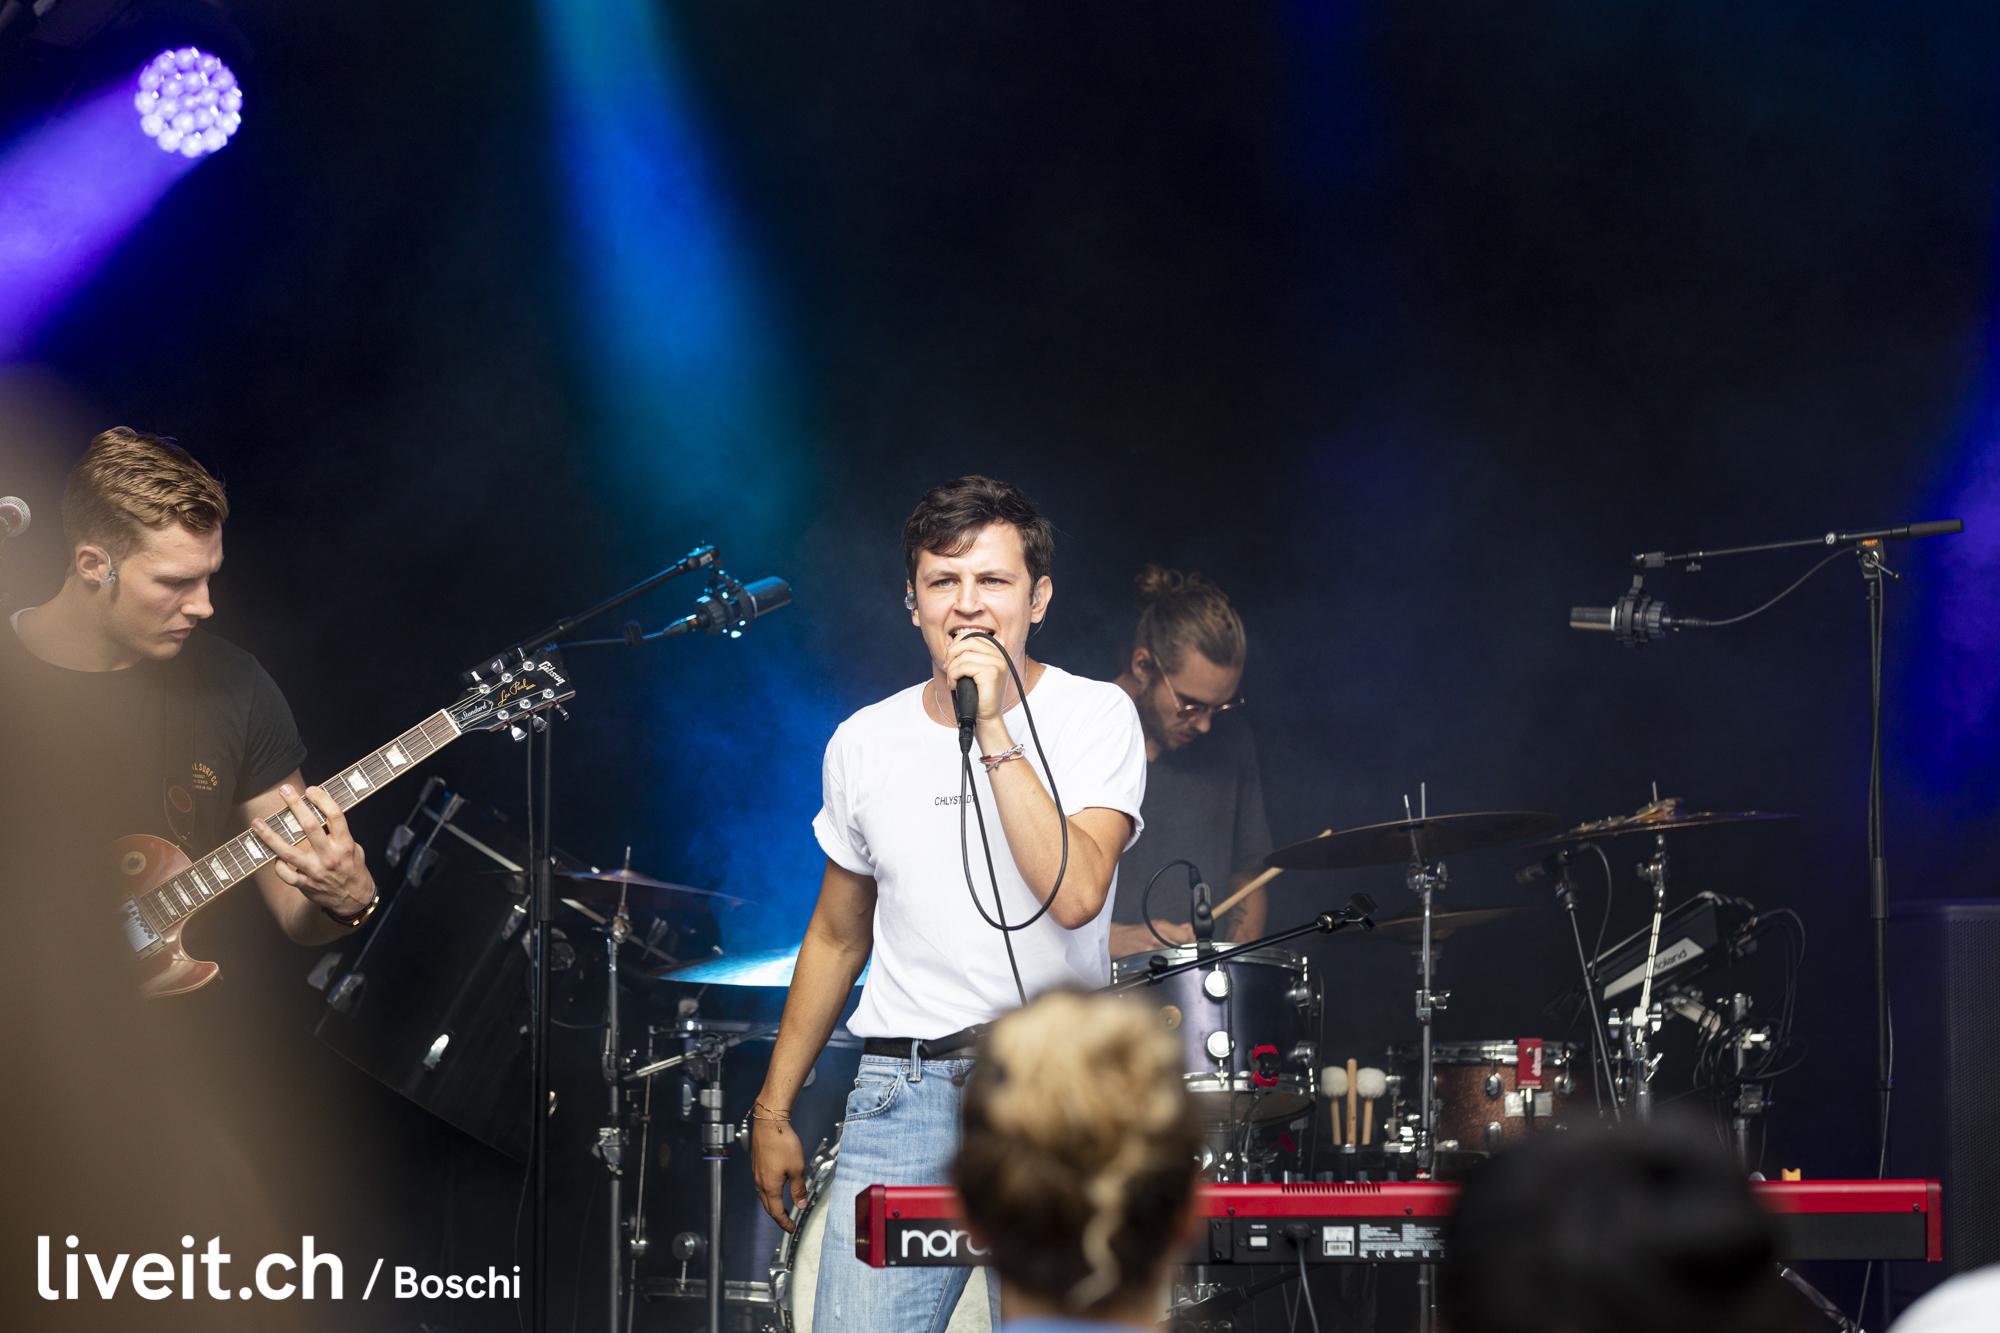 Liam May am Thunfest 2019 (liveit.ch/boschi)